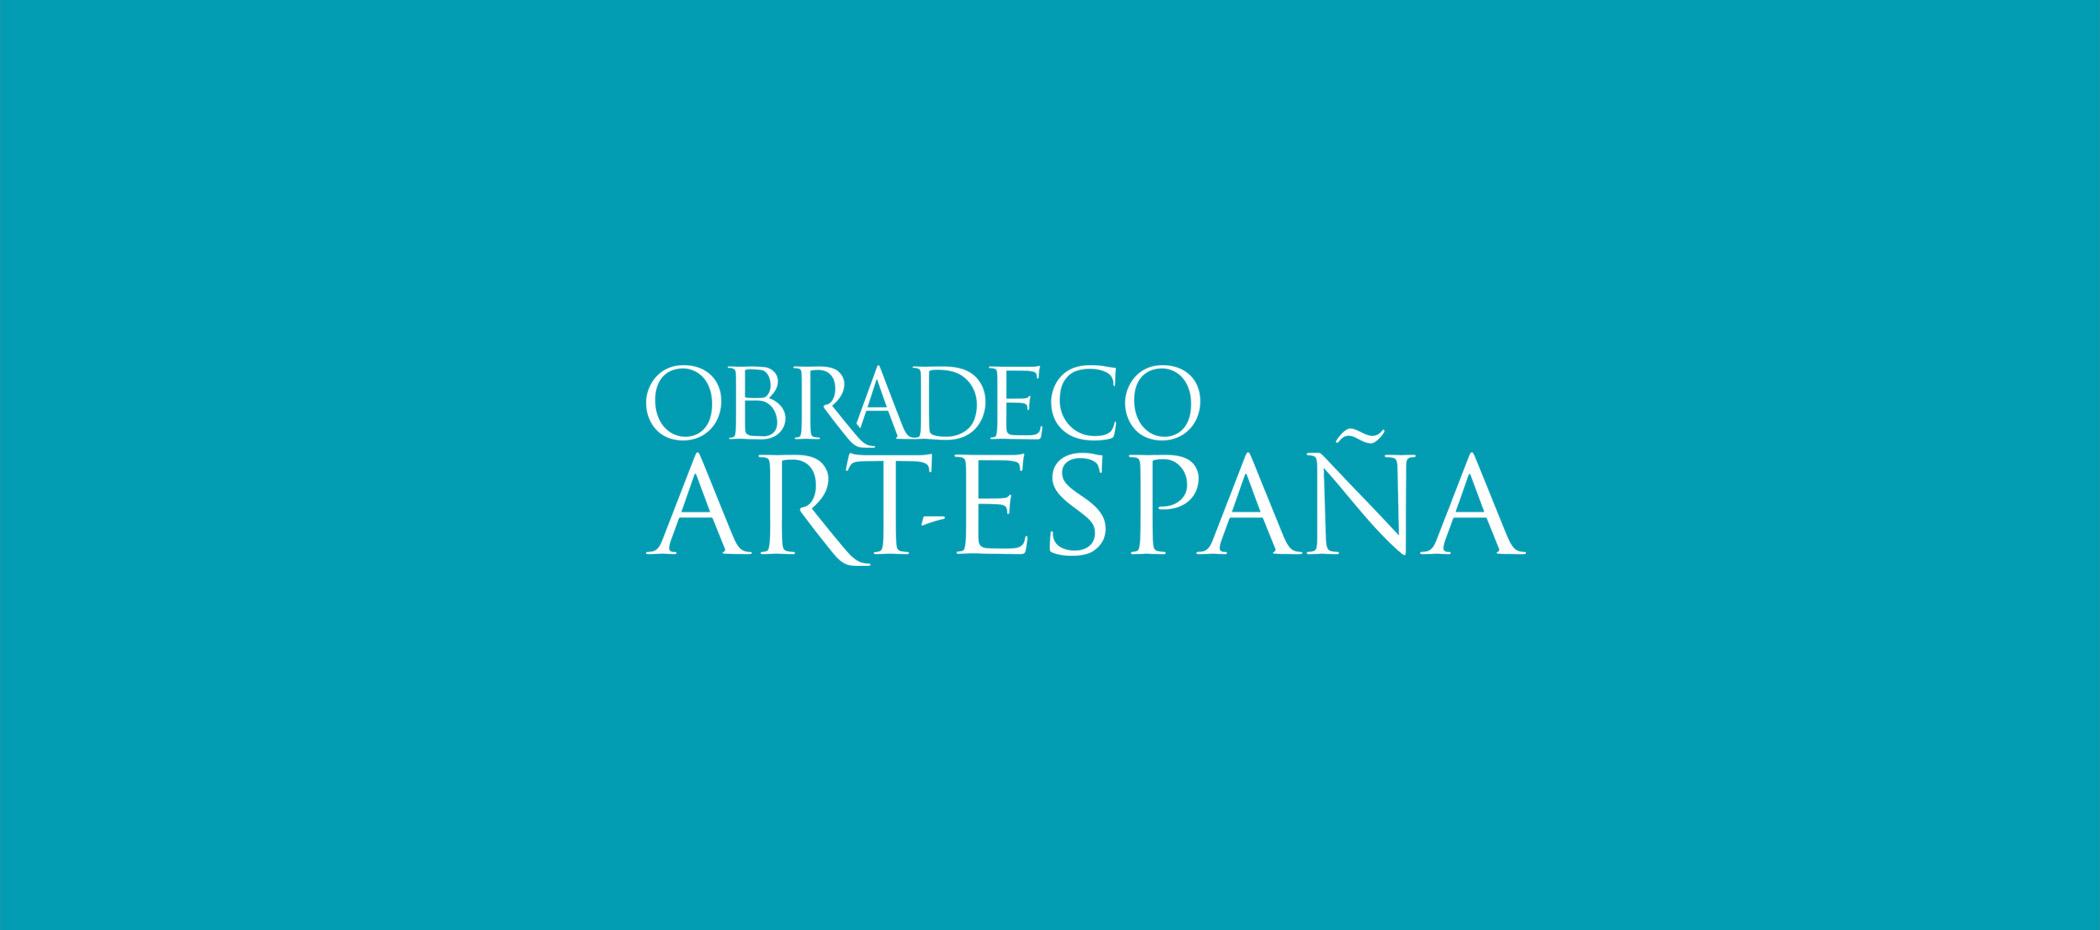 diseño logotipo - Beusual - diseño grafico santander - obradeco artespana